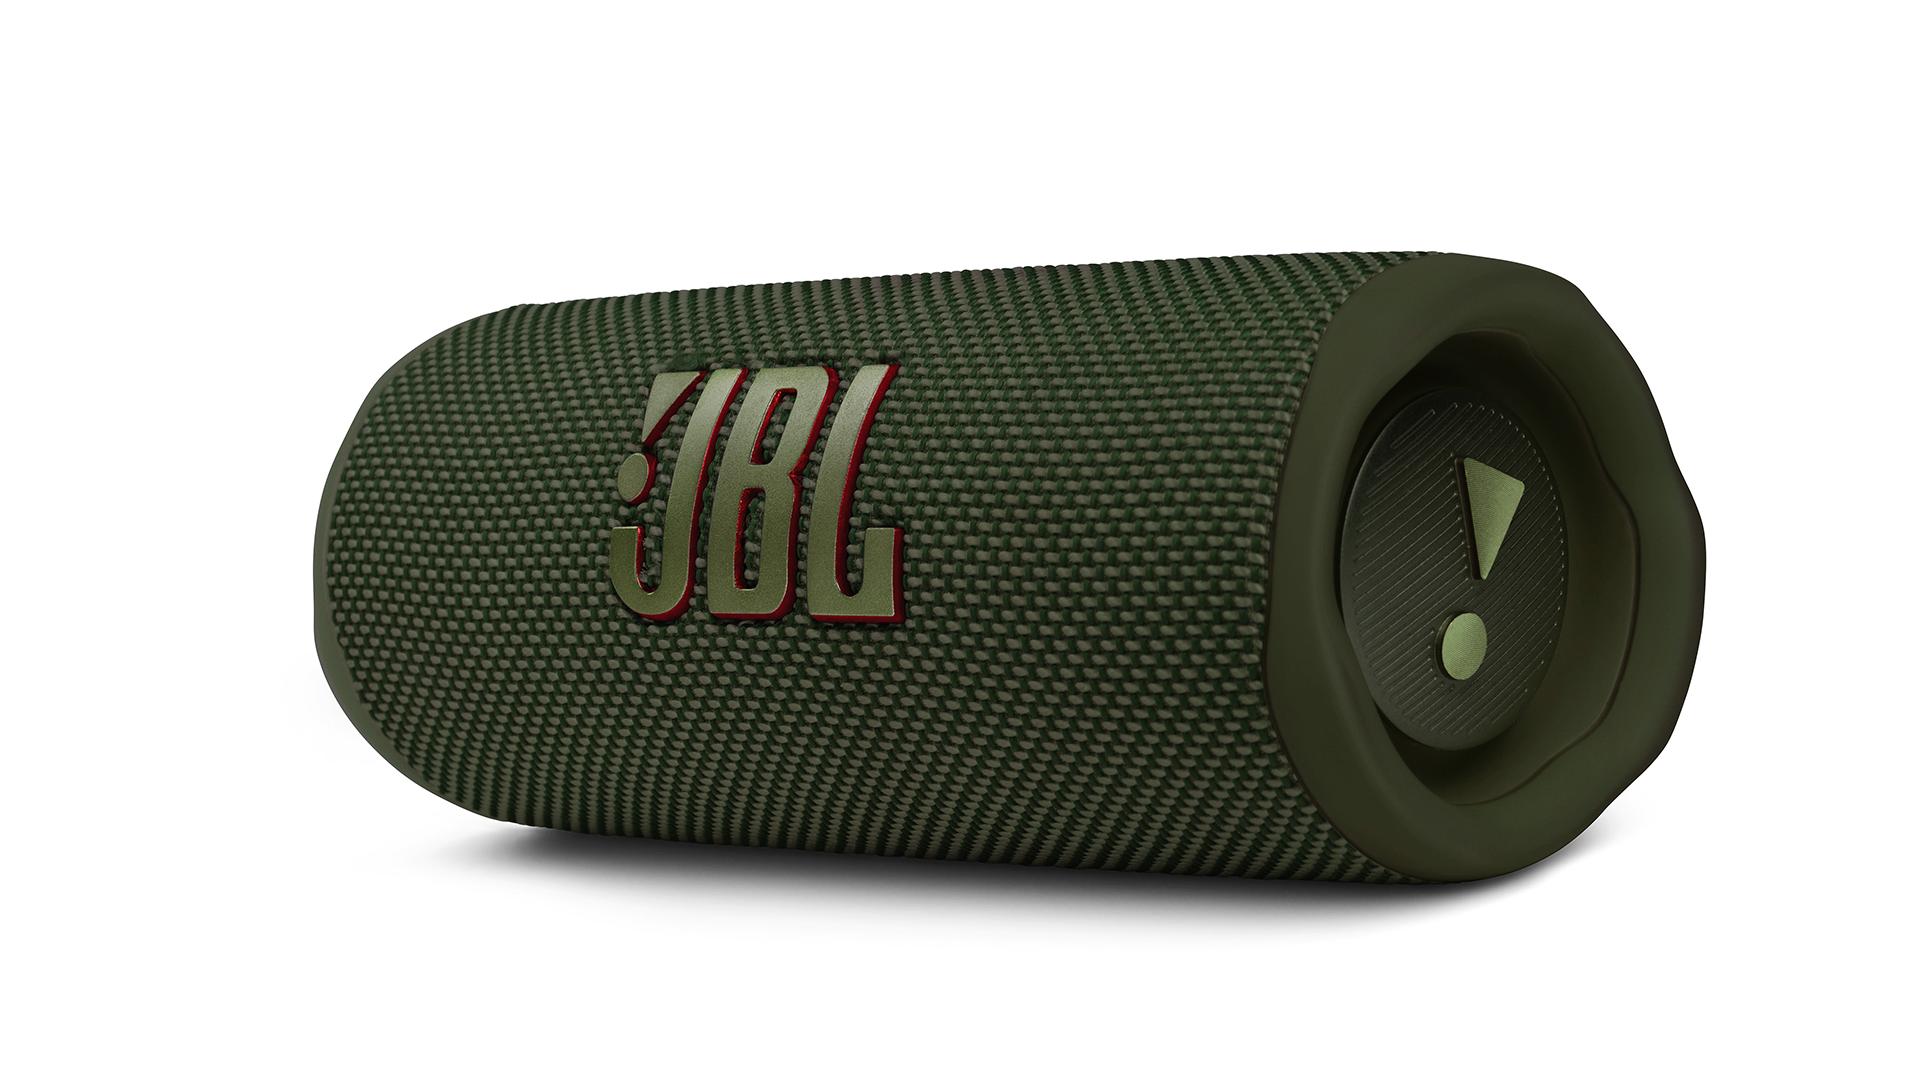 The JBL Flip 6 Bluetooth speaker in green.